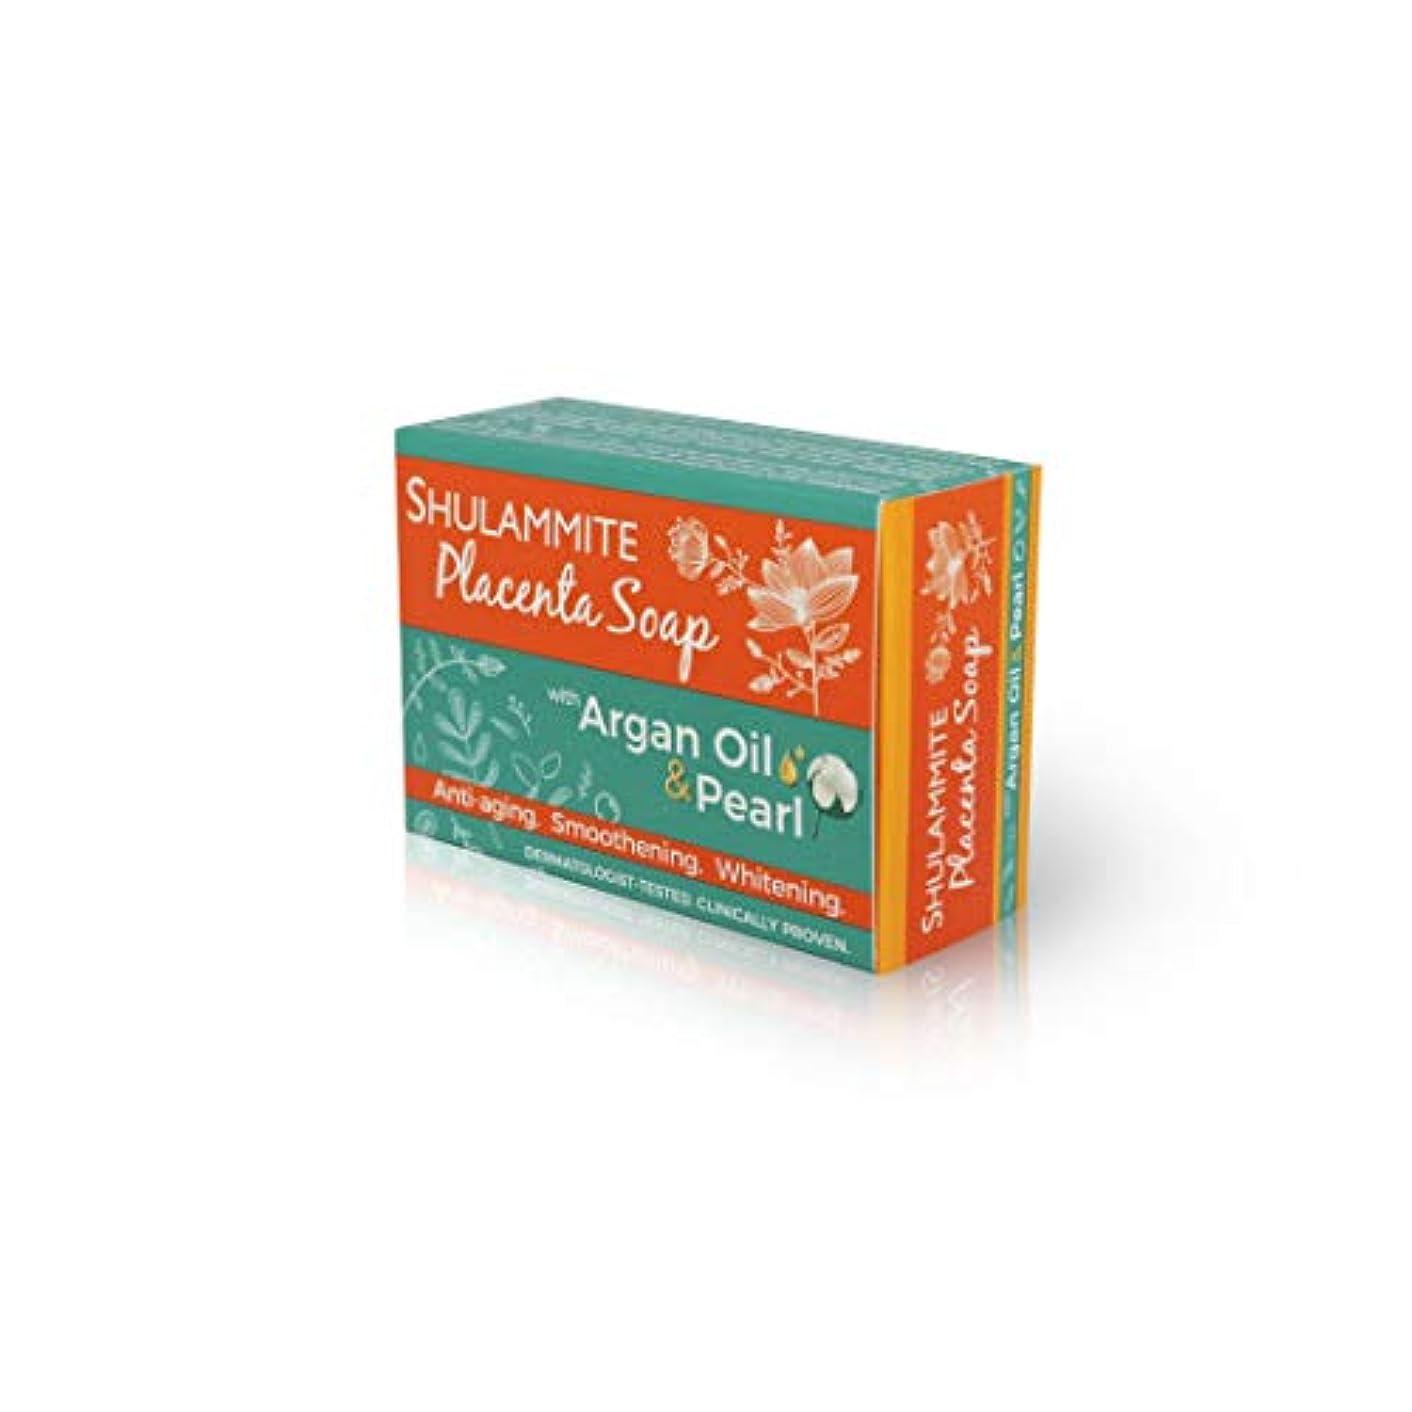 急性確認してください審判SHULAMMITE Placenta Soap with Argan Oil & Pearl/アルガンオイル&パール配合ソープ150g